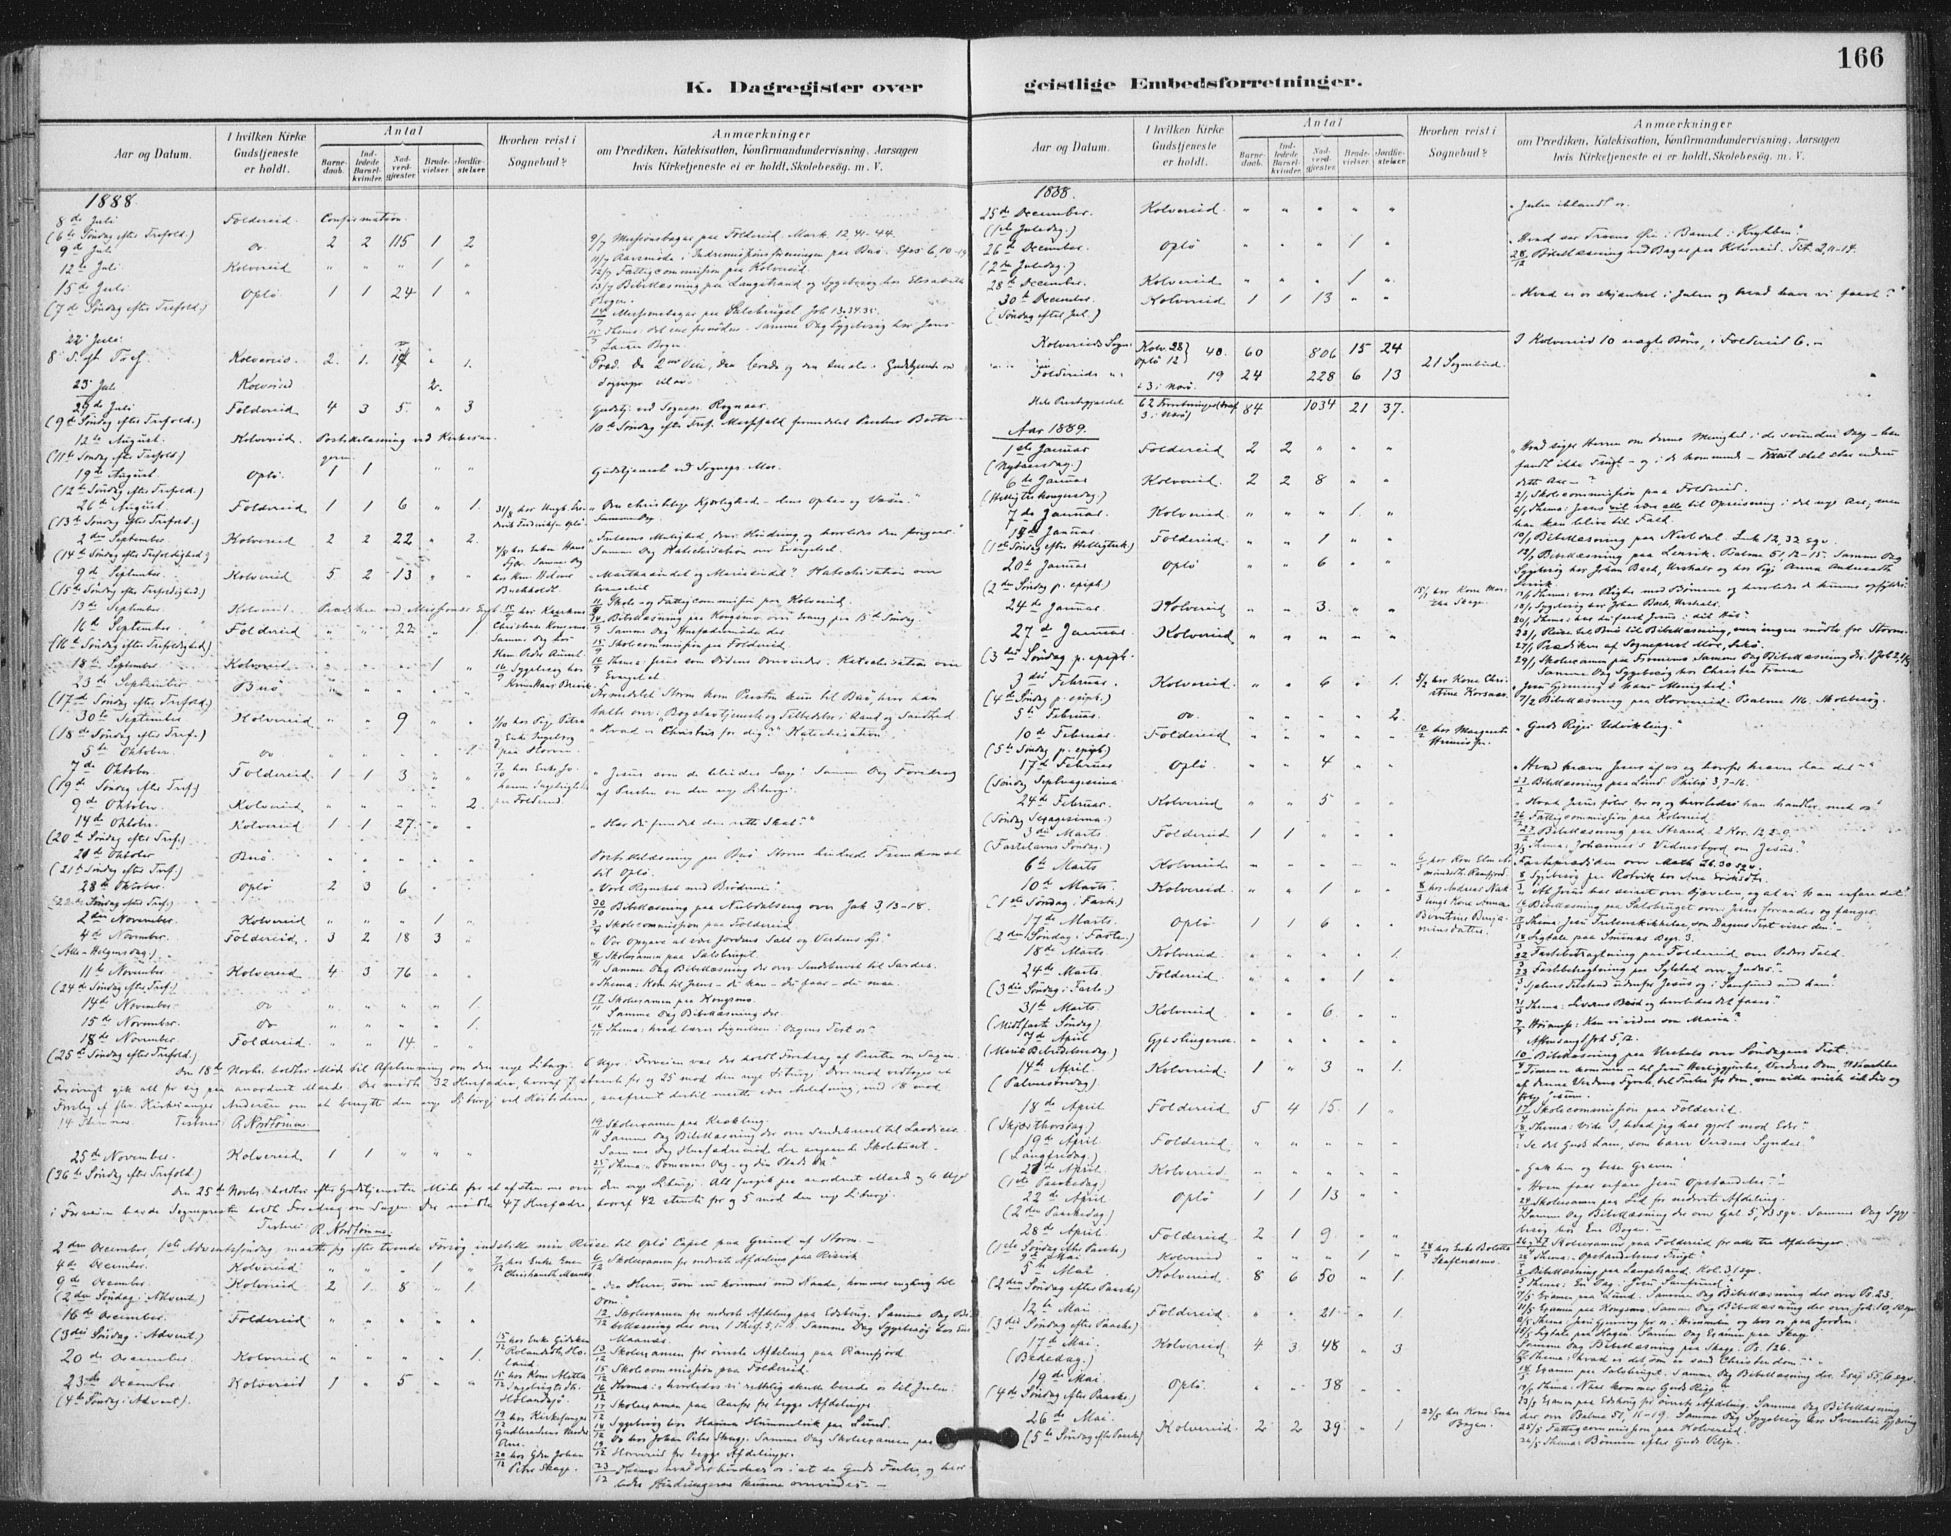 SAT, Ministerialprotokoller, klokkerbøker og fødselsregistre - Nord-Trøndelag, 783/L0660: Ministerialbok nr. 783A02, 1886-1918, s. 166